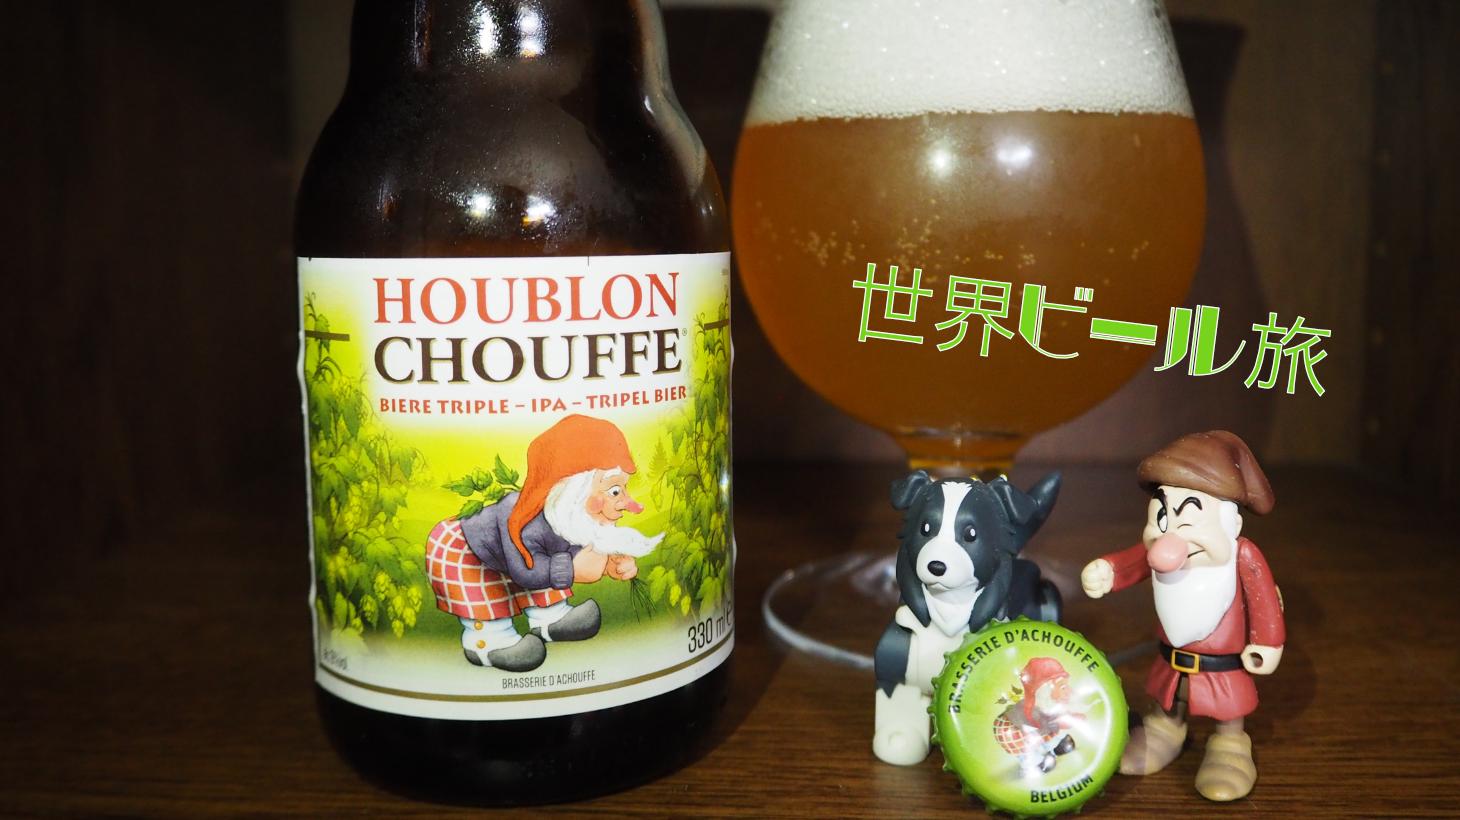 HOUBLON CHOUFFE/世界ビール旅#43🇧🇪